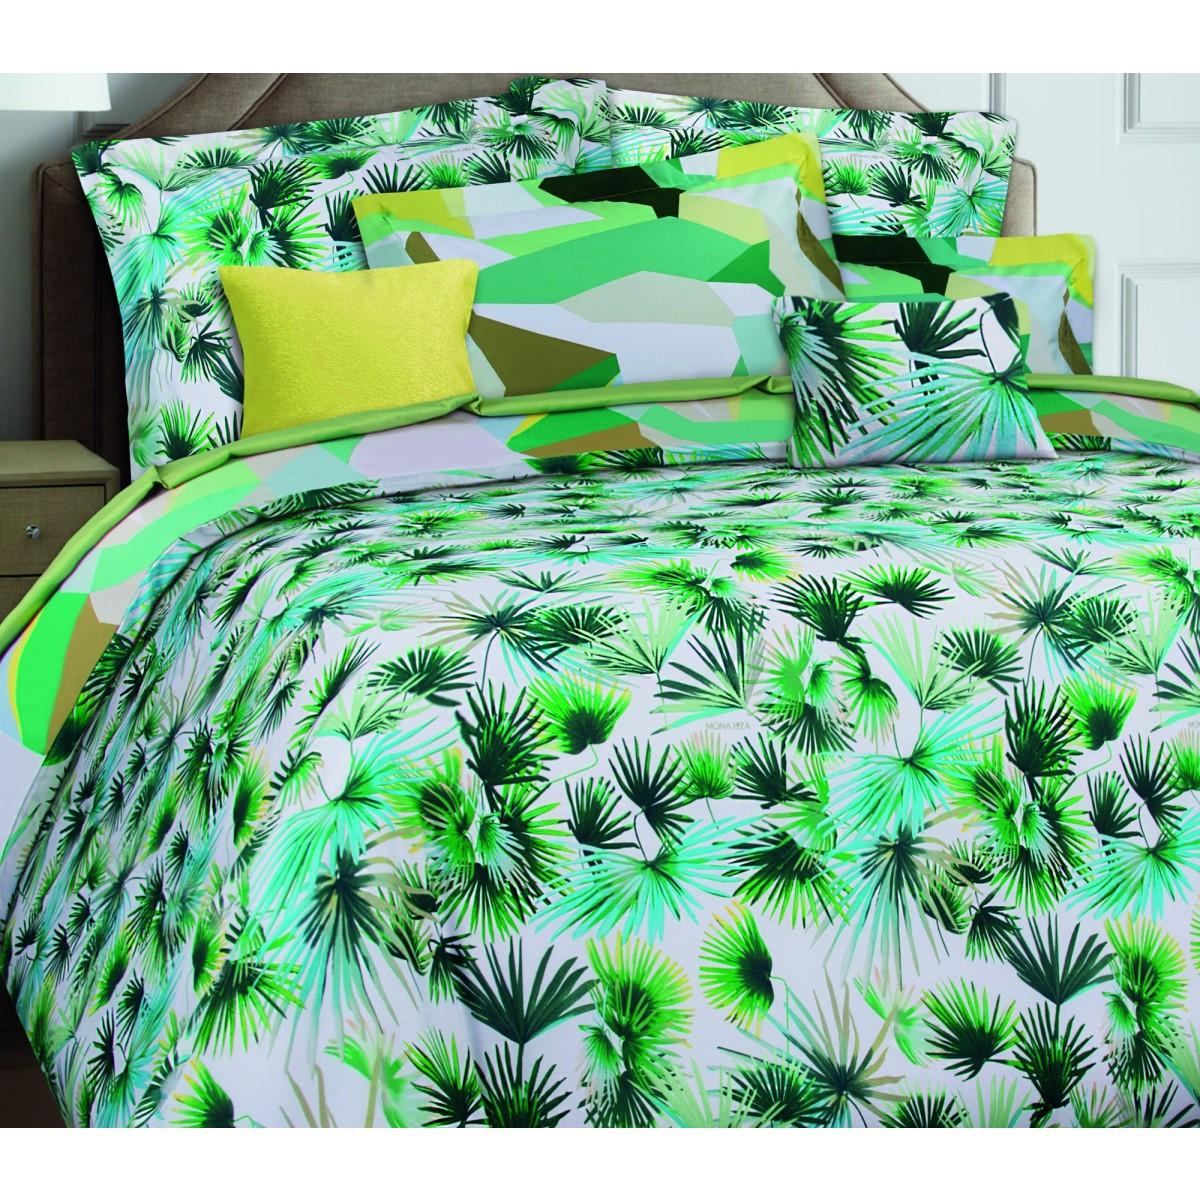 Комплект Постельного Белья Palm Полутораспальный Сатин 70x70